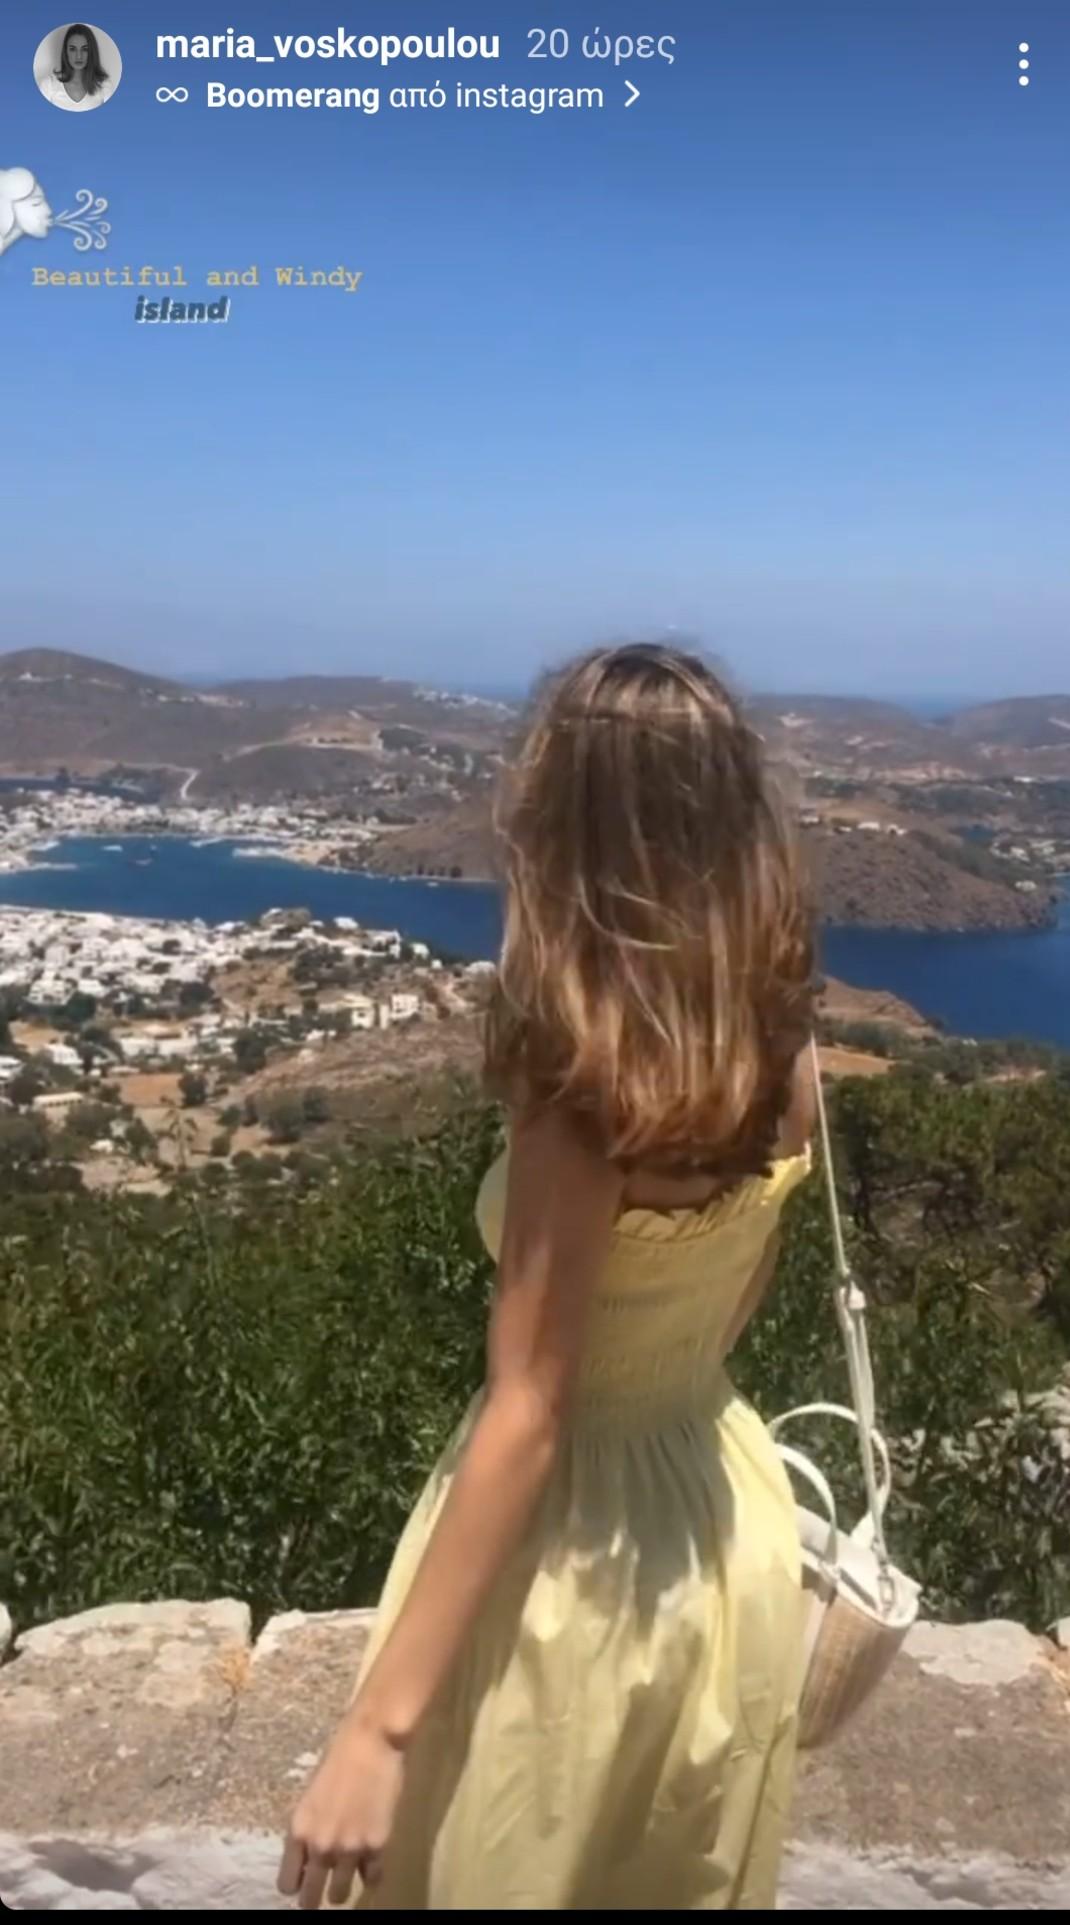 Η Μαρία Βοσκοπούλου με το απόλυτο καλοκαιρινό φόρεμα- Κοστίζει μόλις 11 ευρώ! (εικόνες)